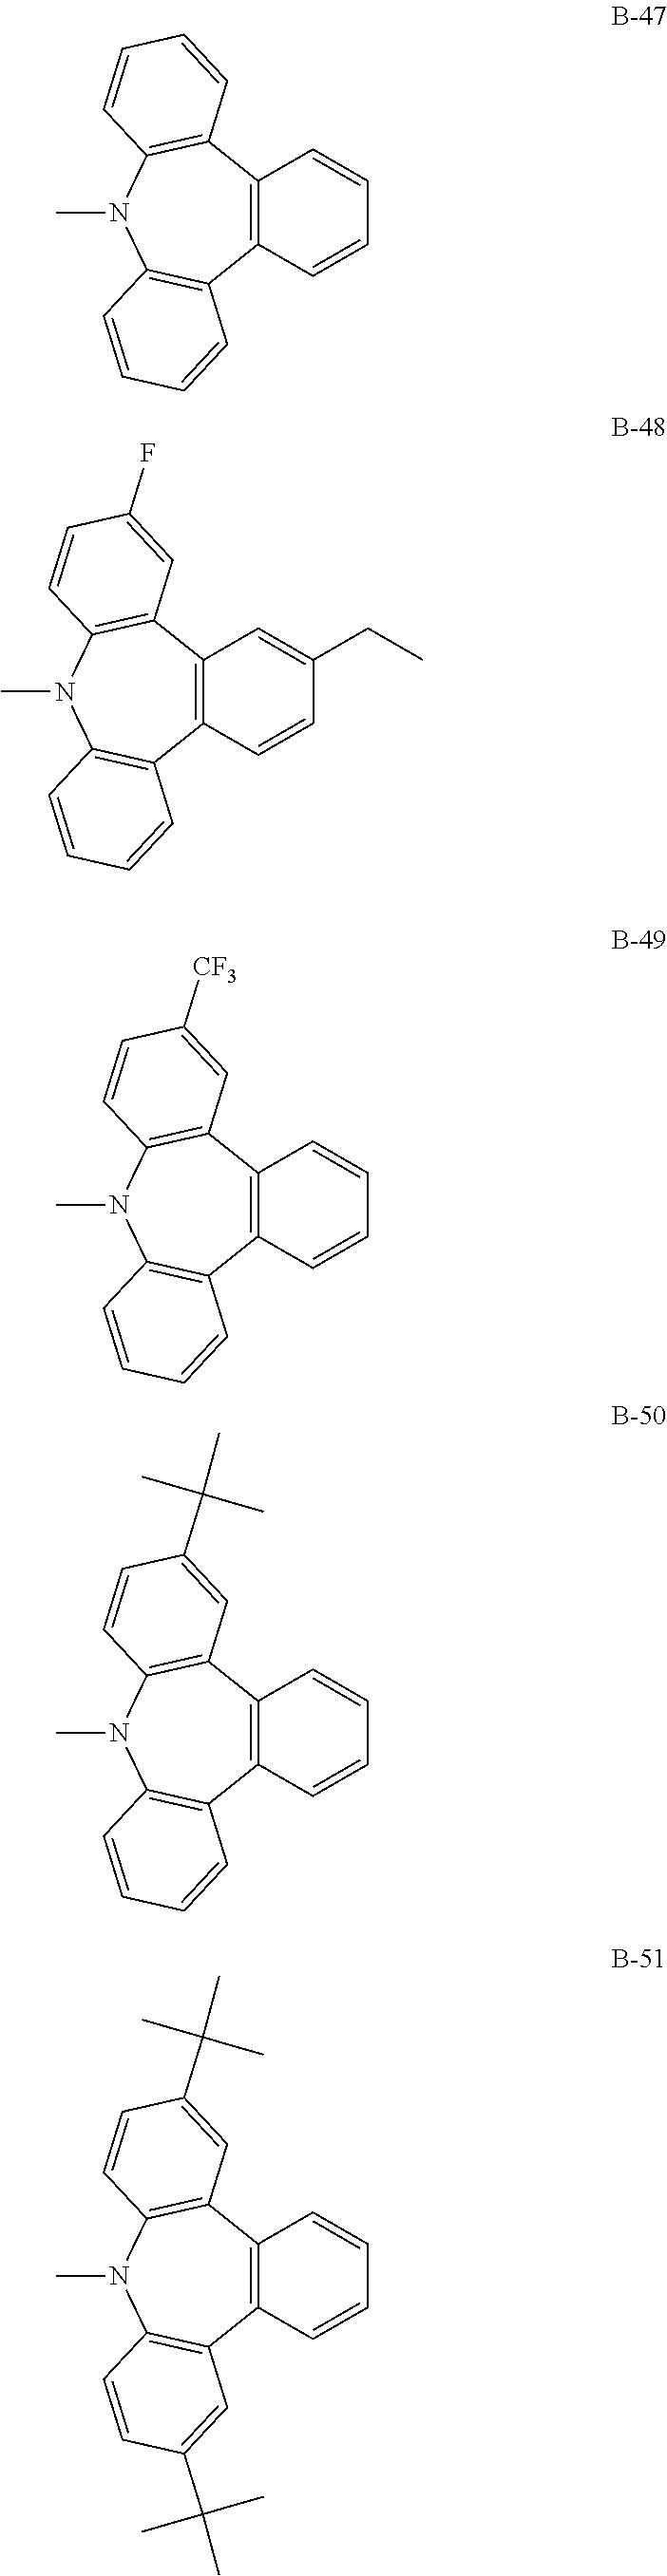 Figure US08847141-20140930-C00039